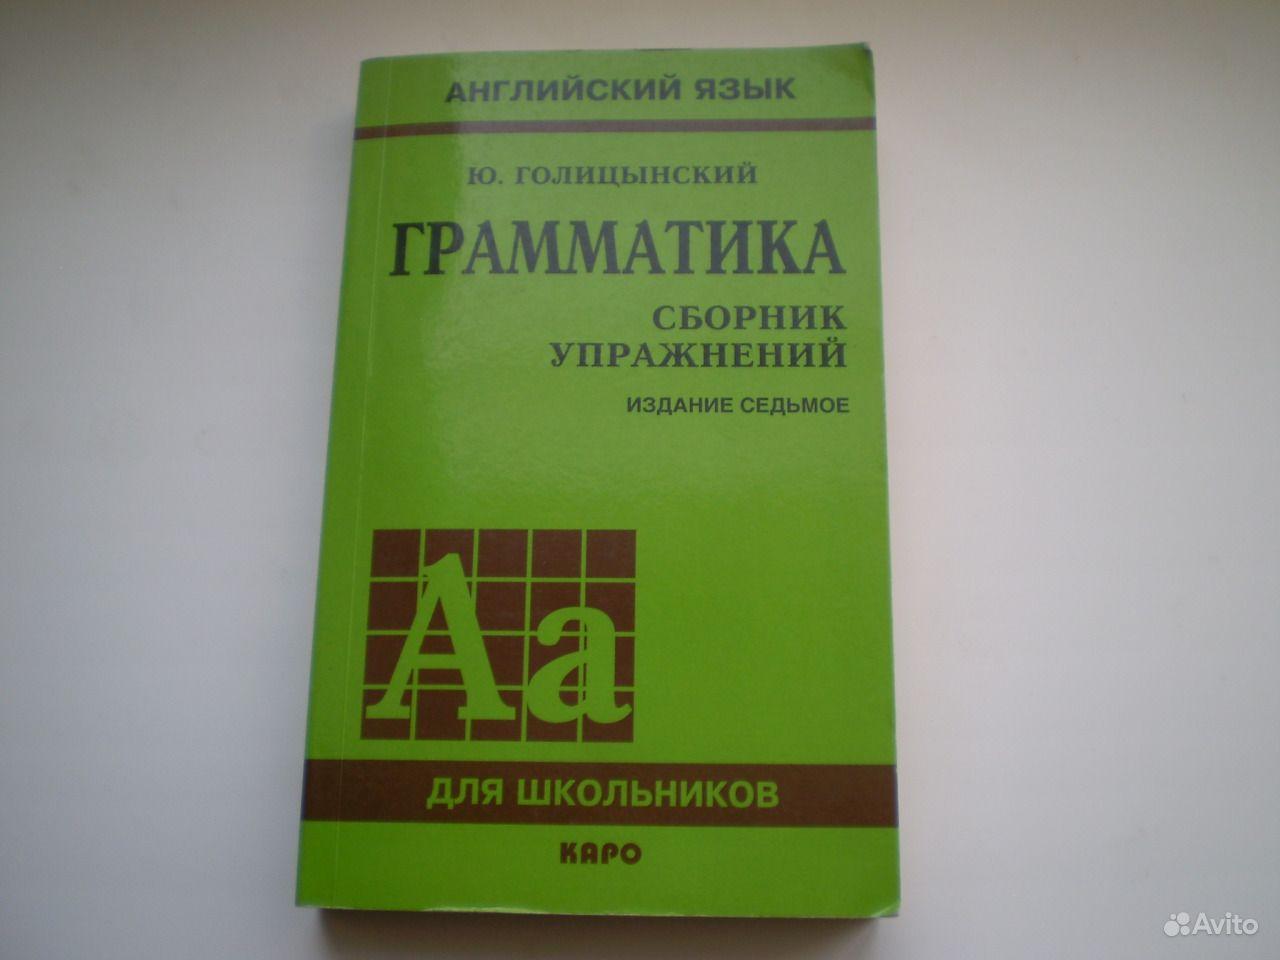 Языка решебник голицынский издание пятое английского грамматика